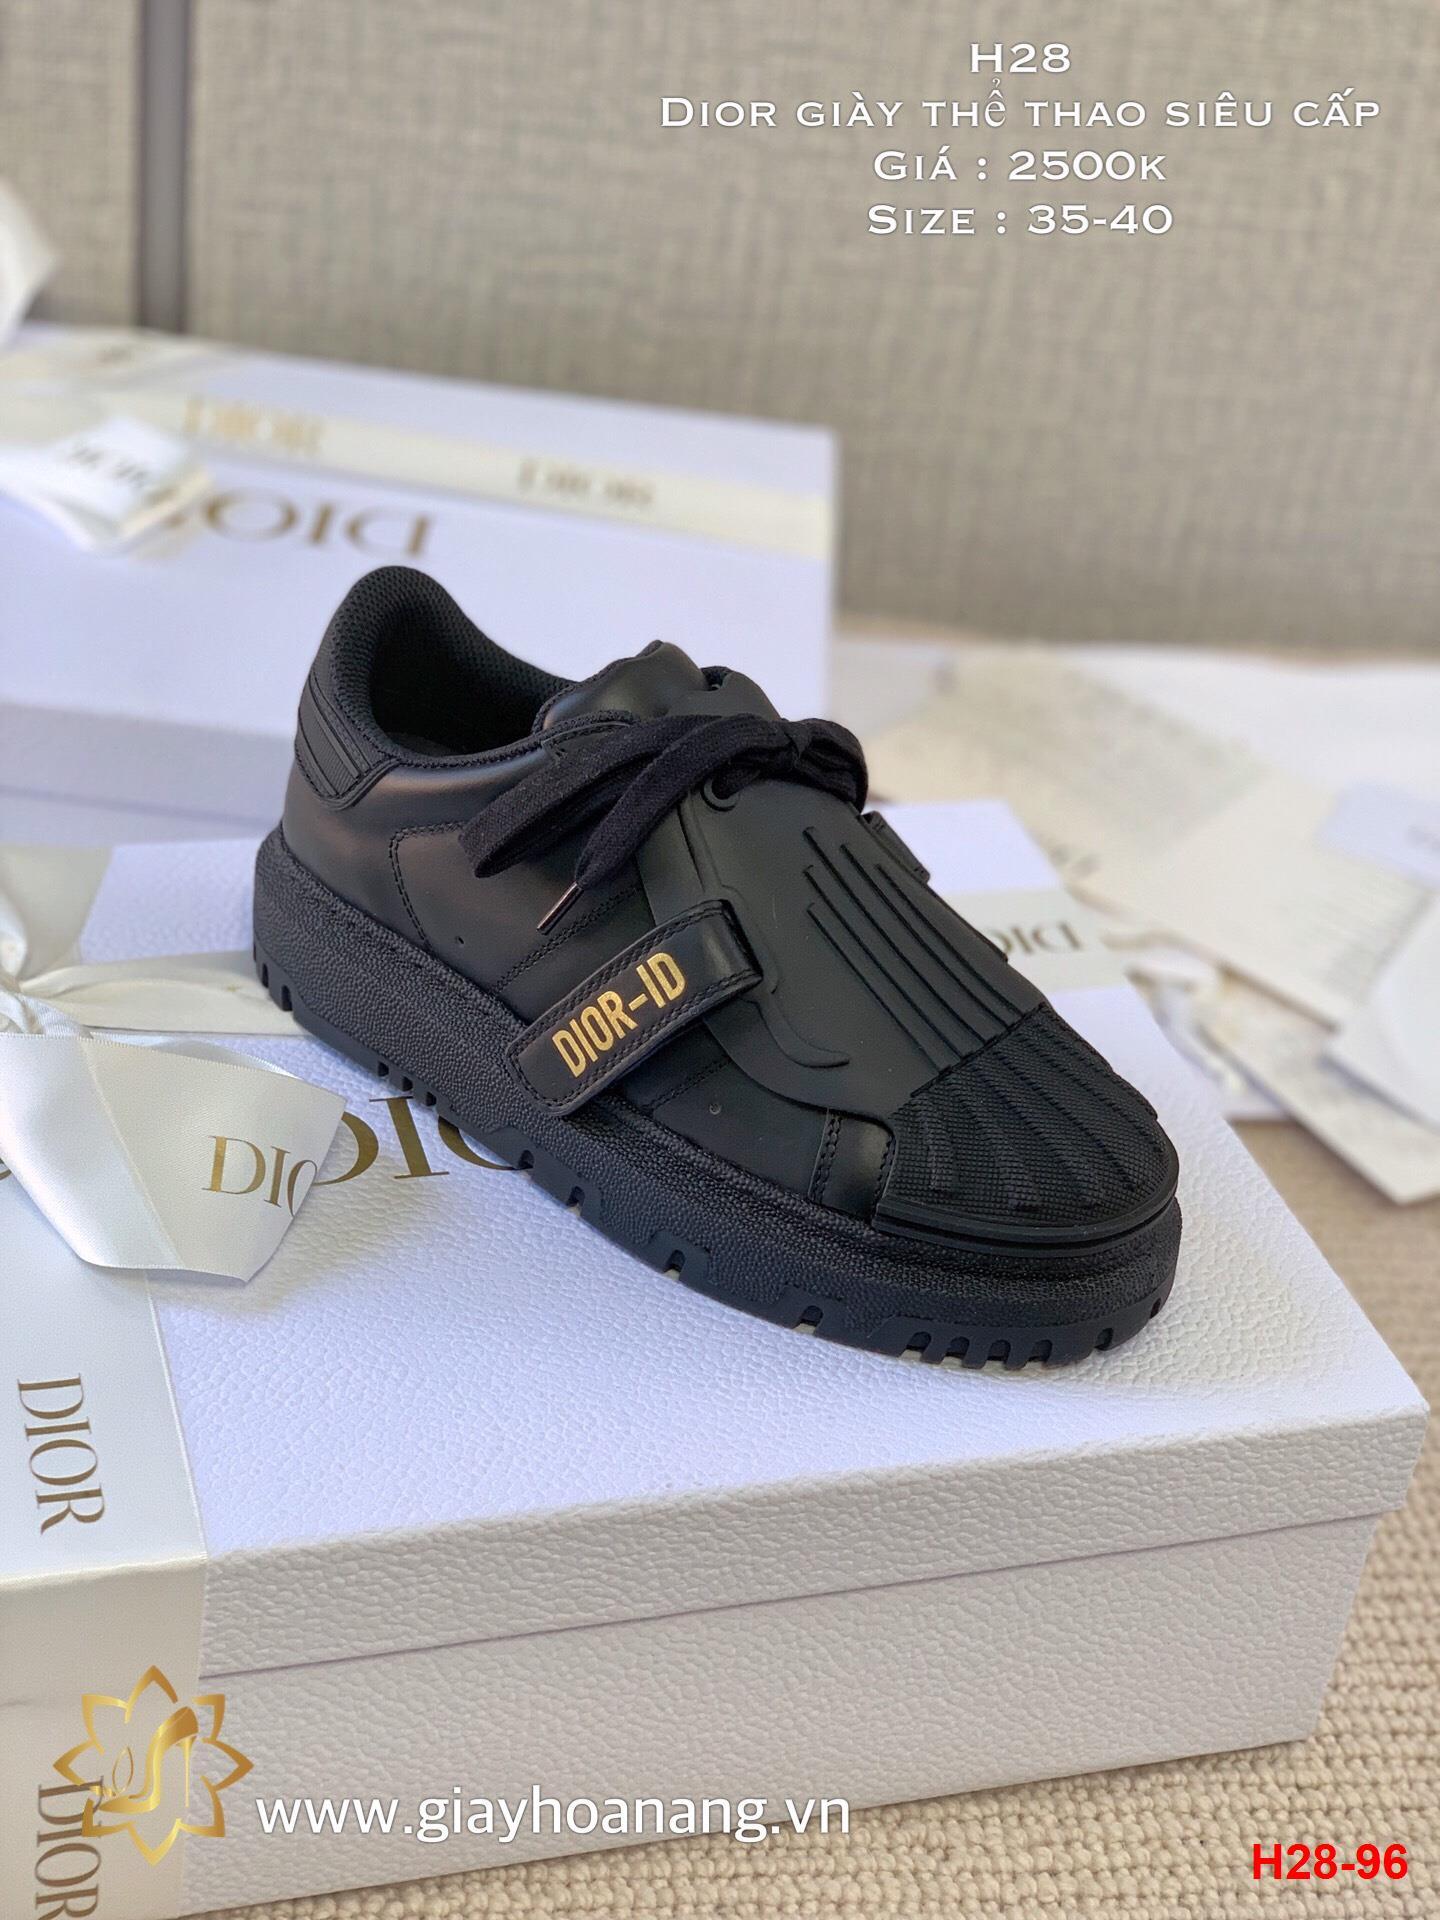 H28-96 Dior giày thể thao siêu cấp